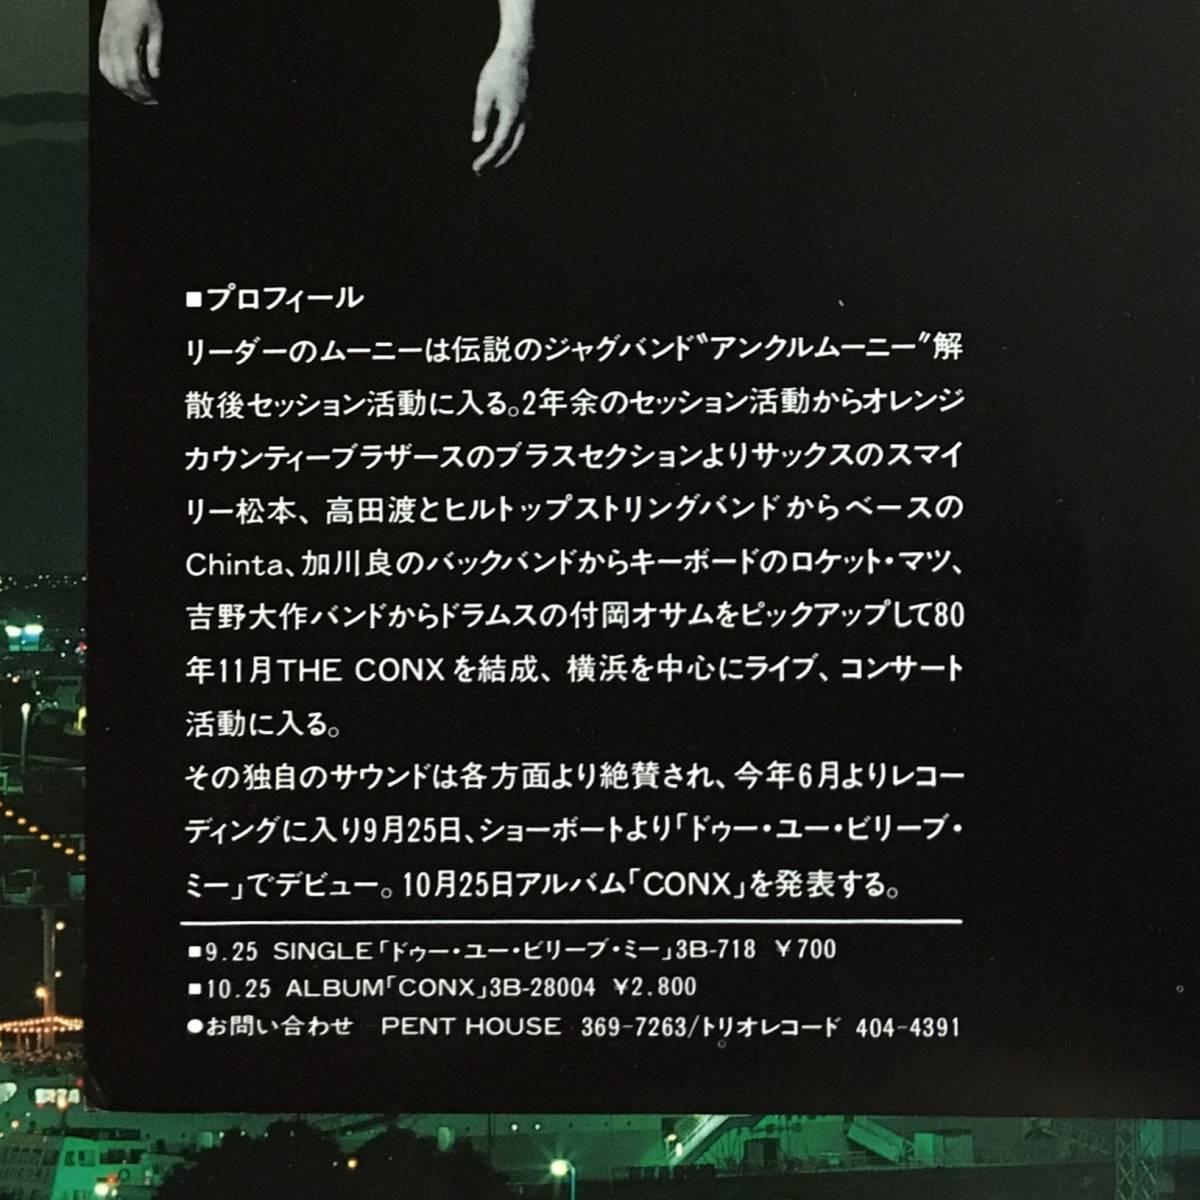 《見本盤・極美盤!》THE CONX『CONX』LP~オレンジカウンティーブラザーズ/高田渡/加川良/吉野大作/横浜/にほ_画像4